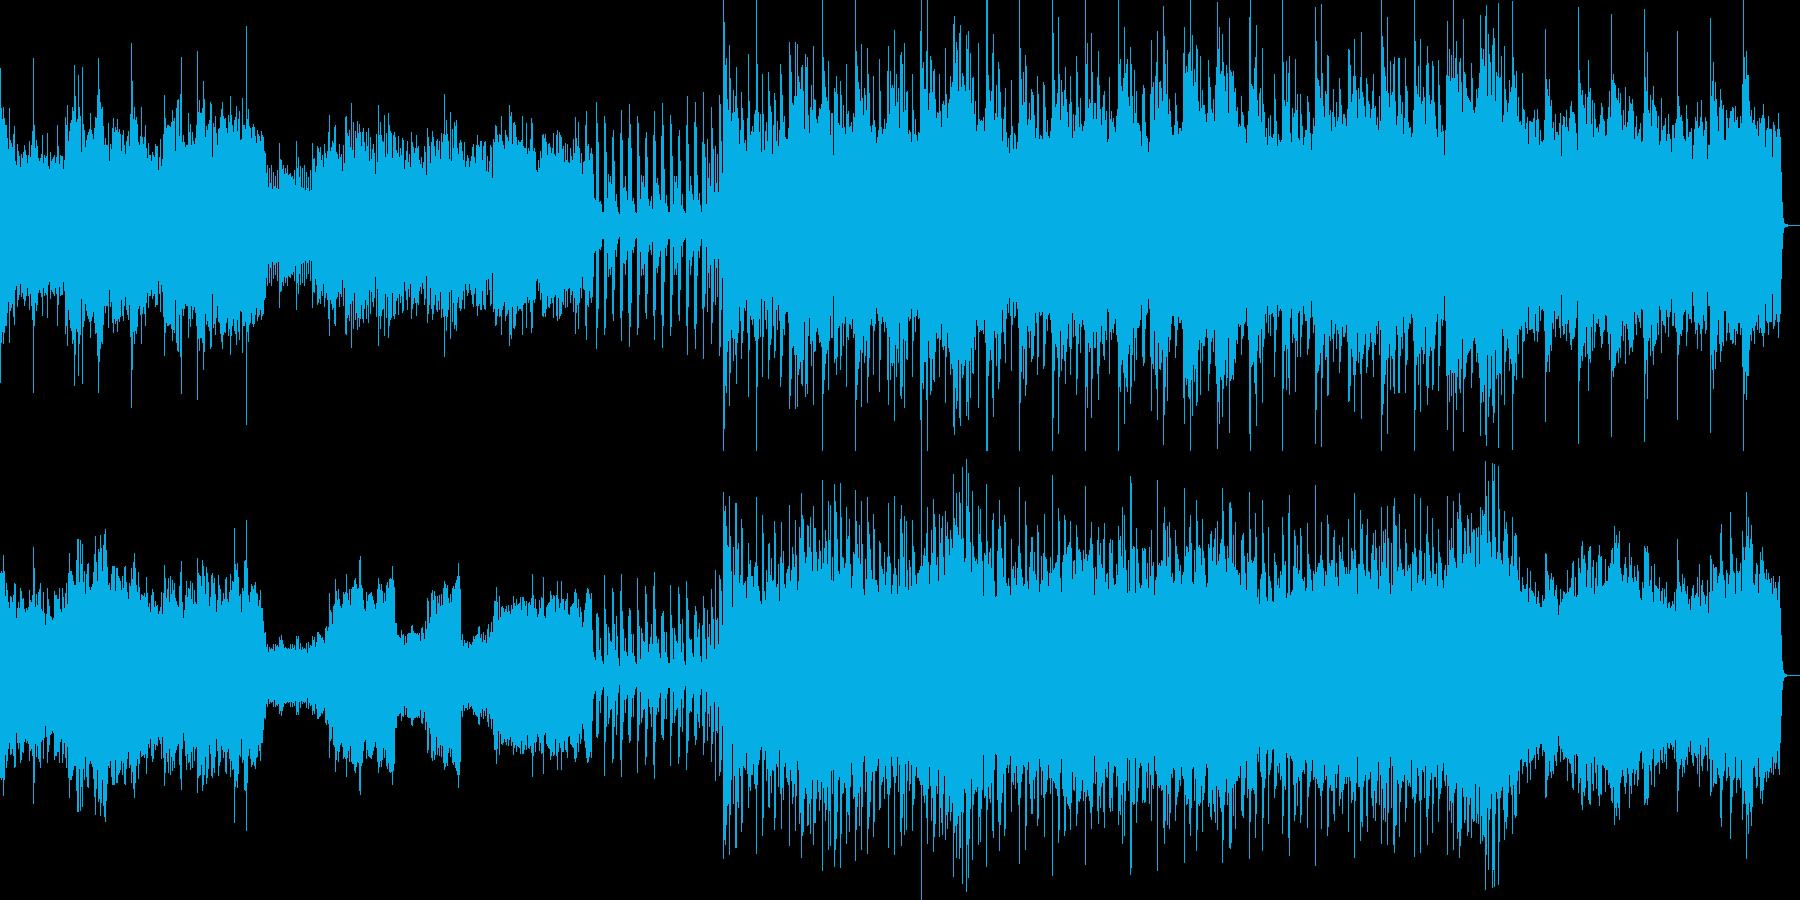 幸せな雰囲気のオーケストラの再生済みの波形